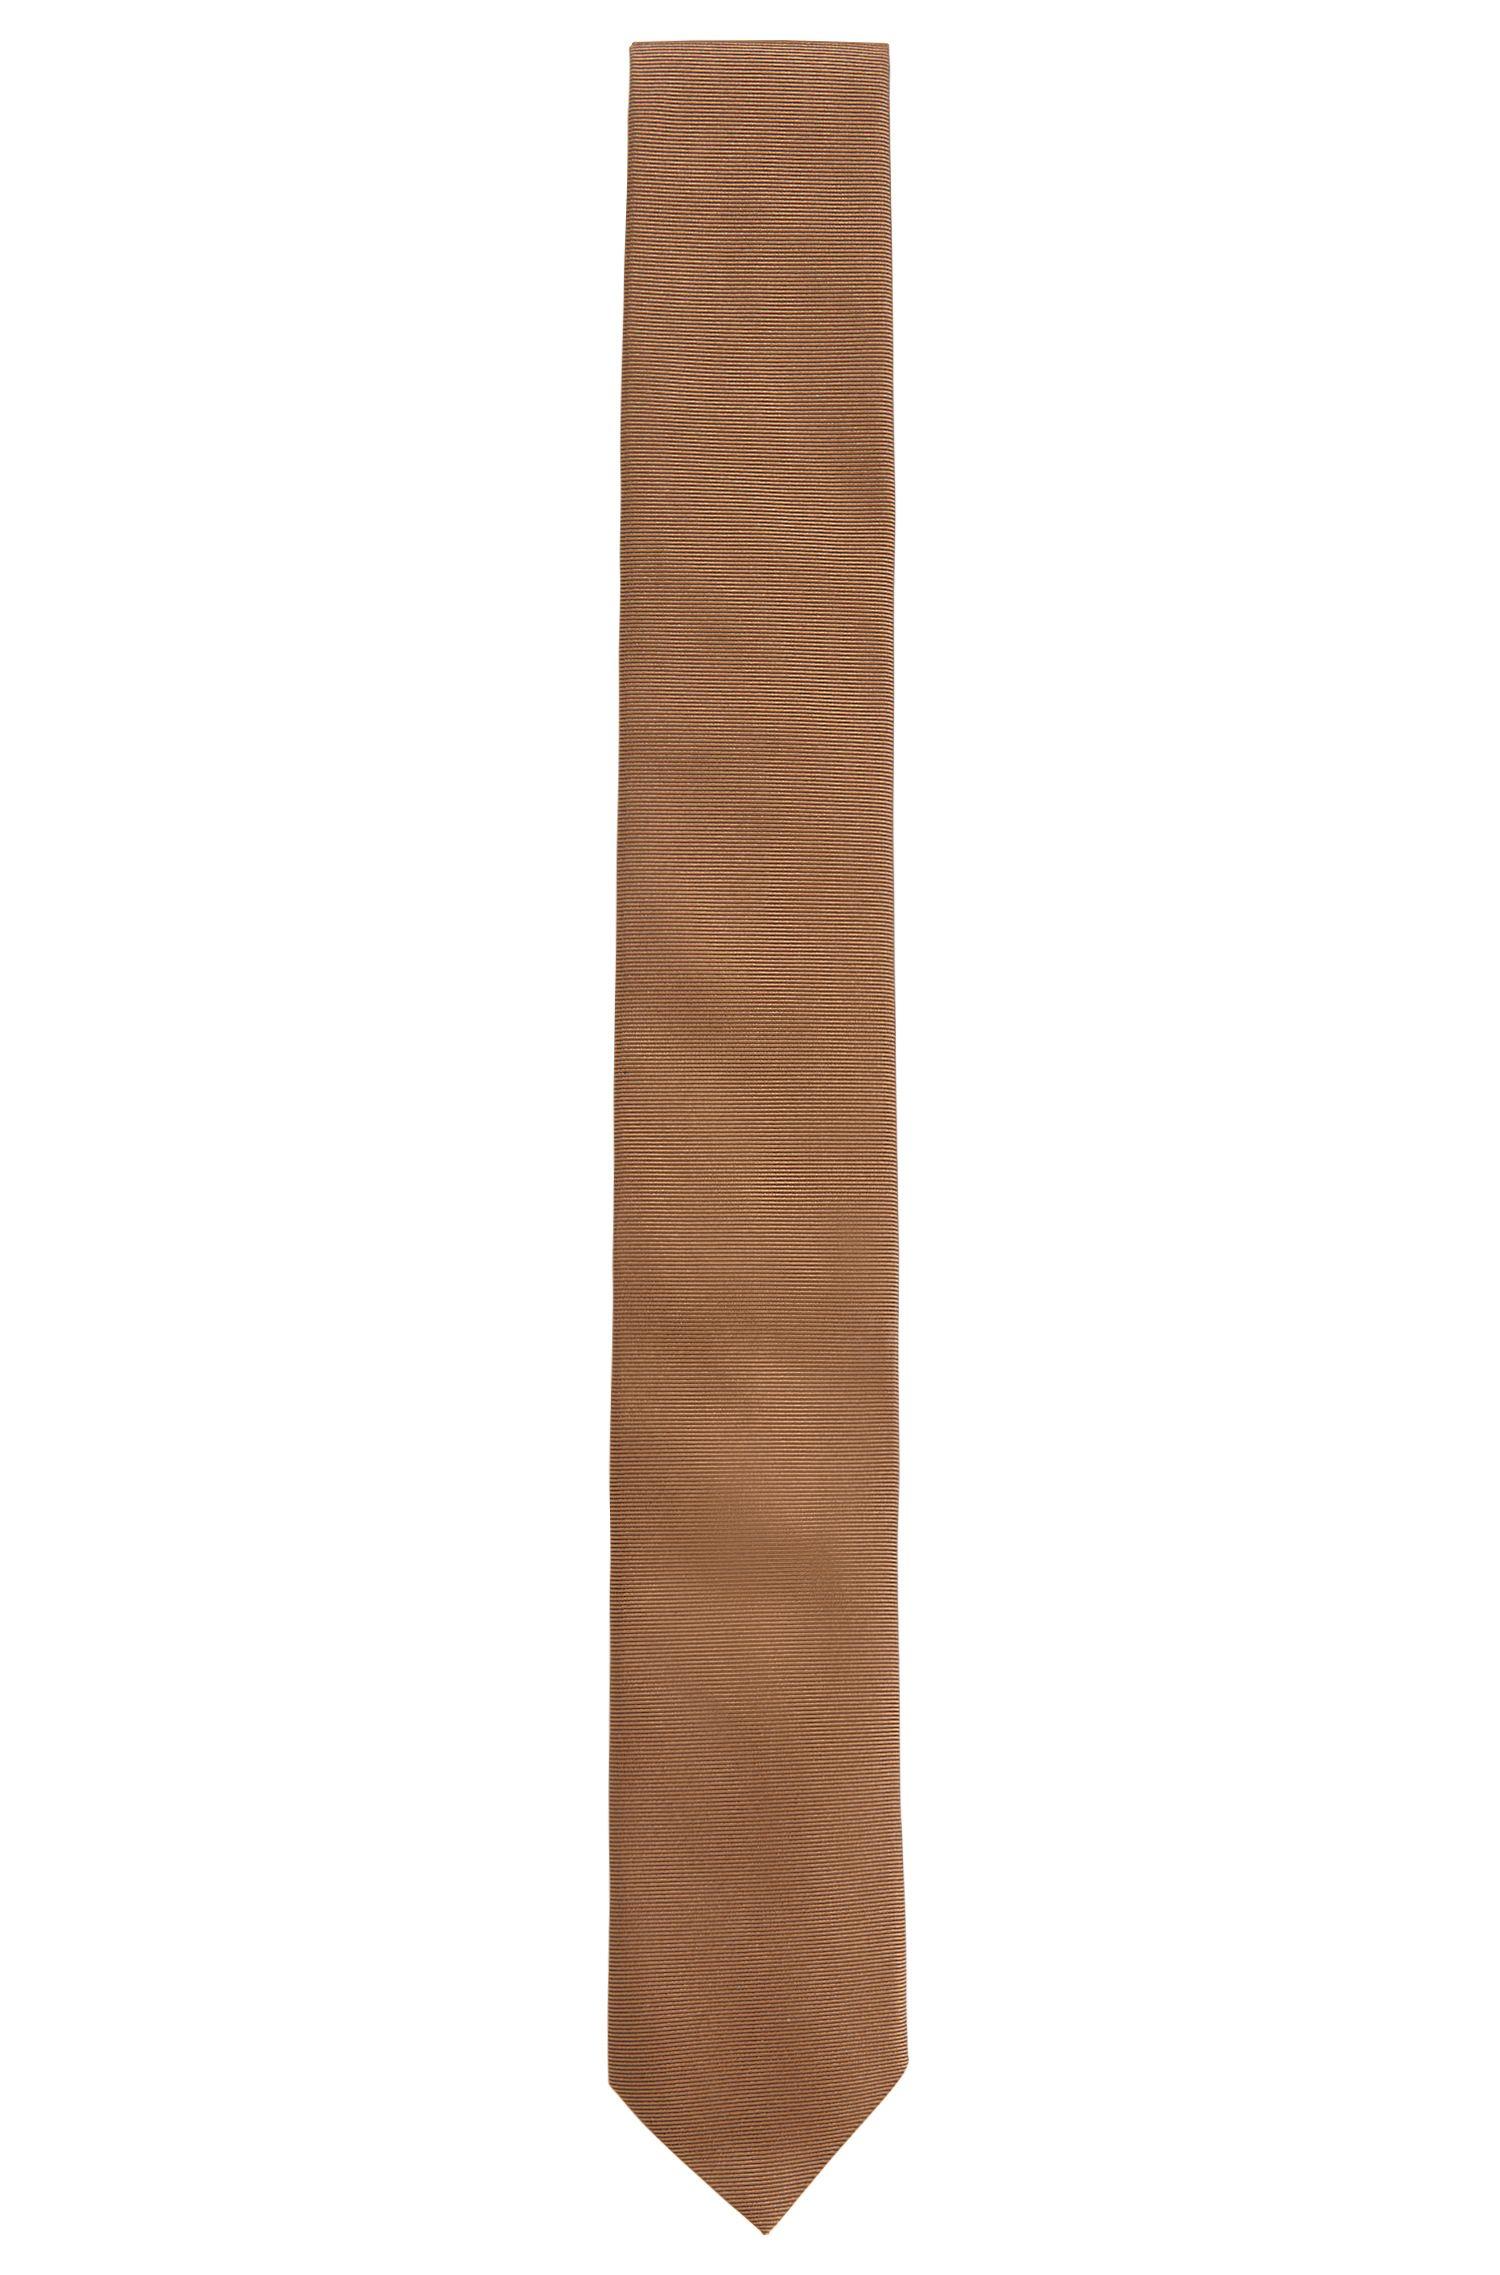 Cravate en sergé en pure soie Hugo Homme